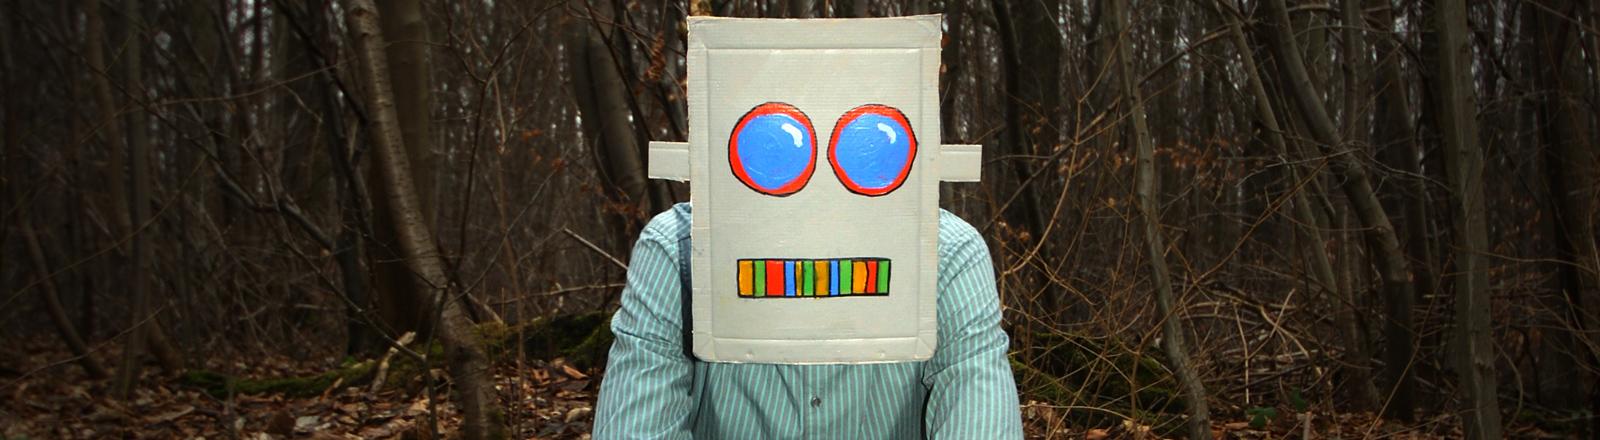 Ein Mann hat eine Robotermaske auf.